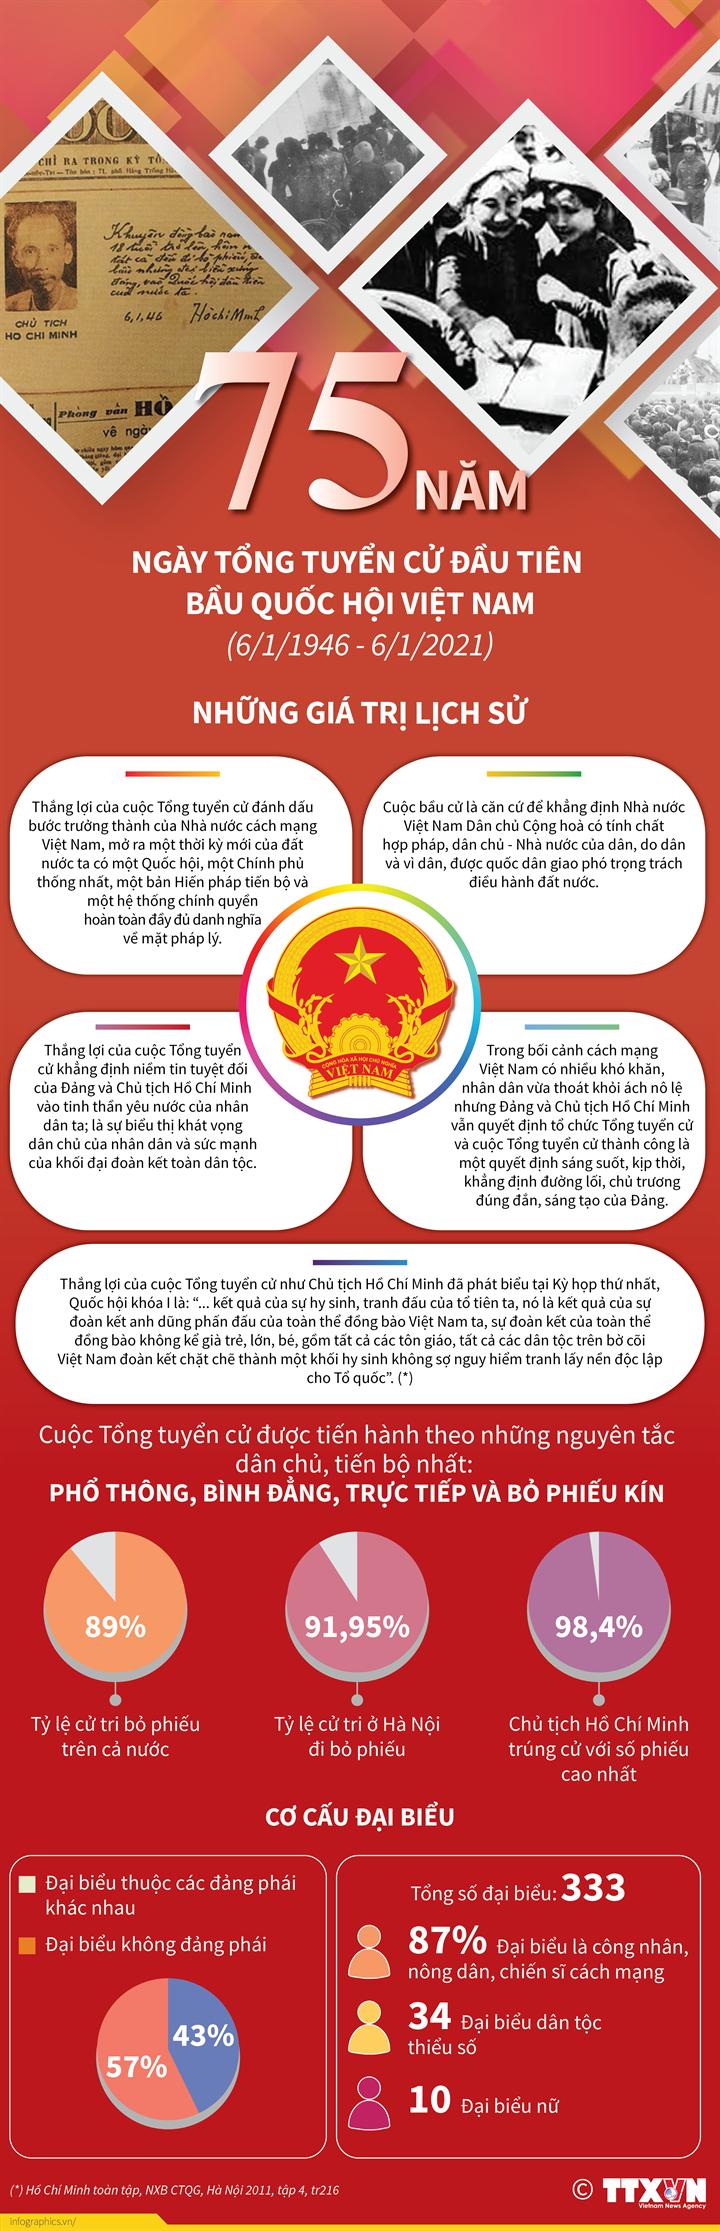 75 năm Ngày Tổng tuyển cử đầu tiên bầu Quốc hội Việt Nam (6/1/1946 - 6/1/2021): Những giá trị lịch sử